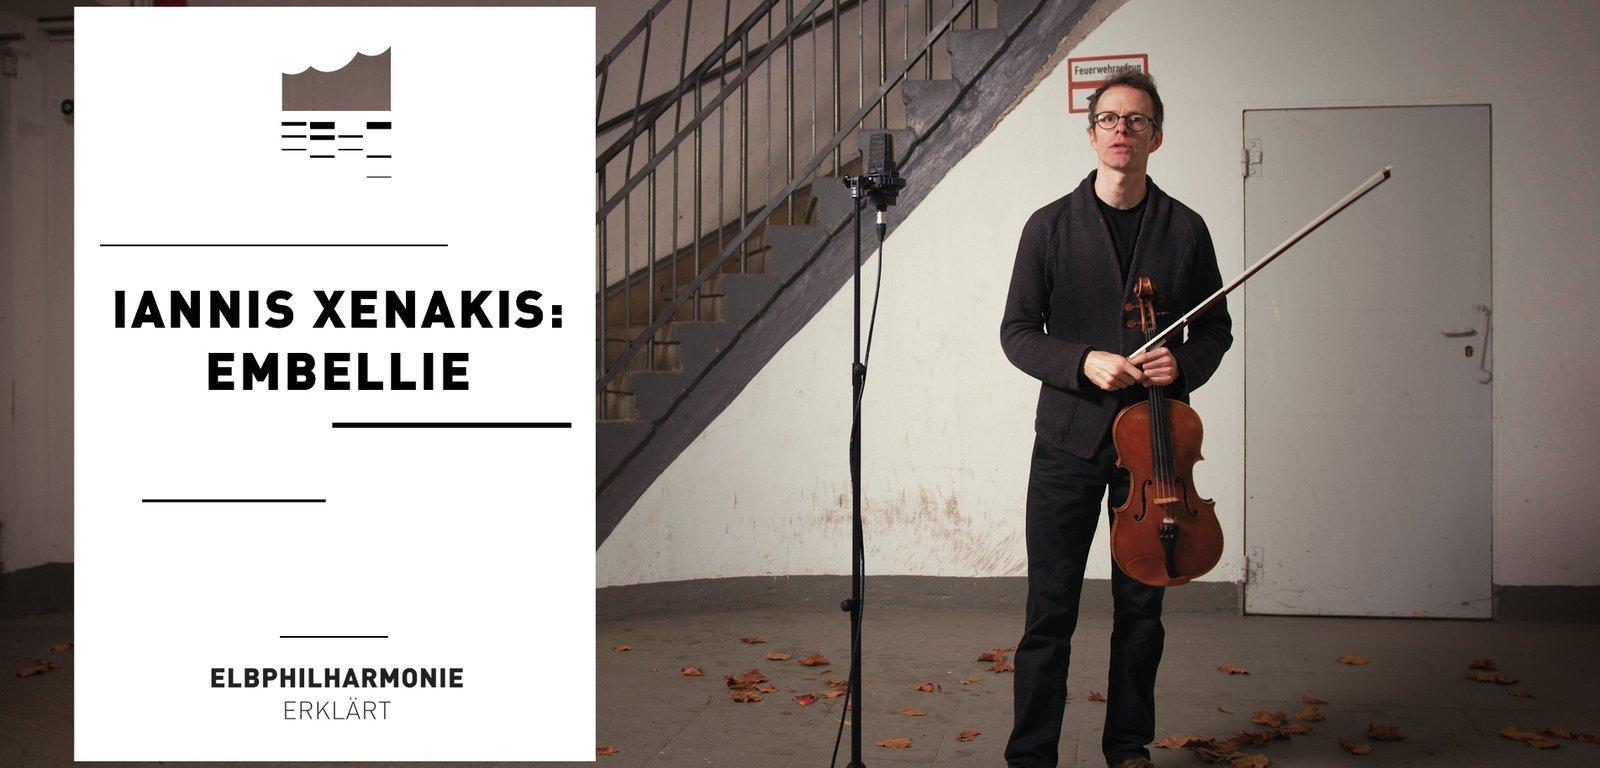 Elbphilharmonie Erklärt / Iannis Xenakis